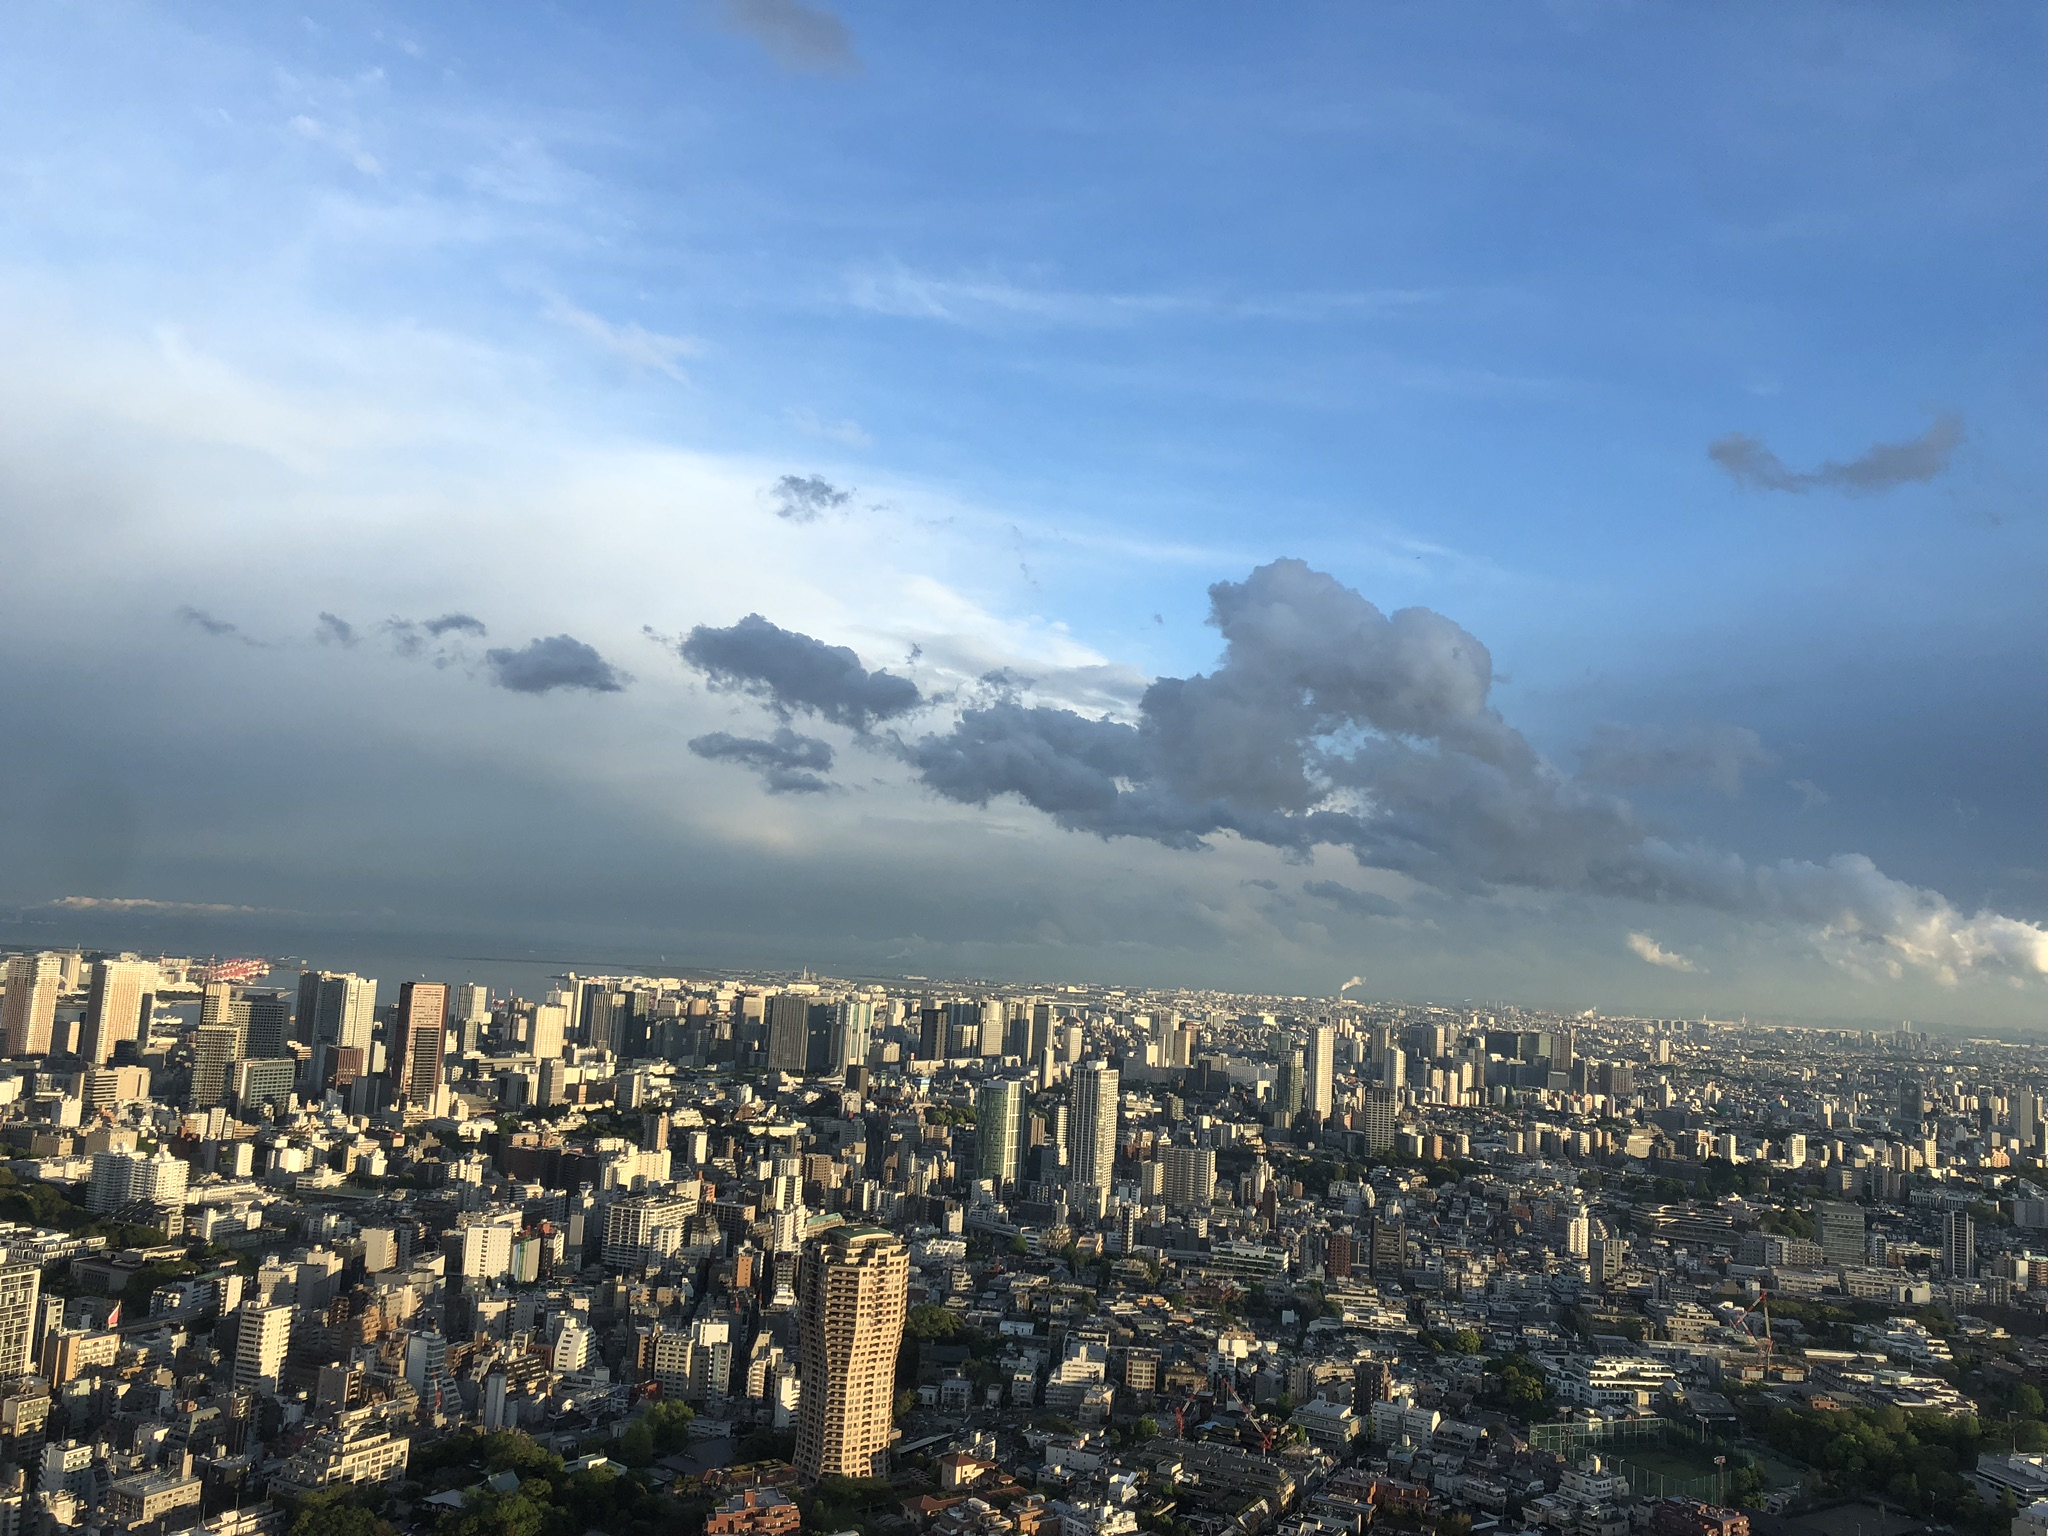 Mirador del rascacielos Tokyo City View